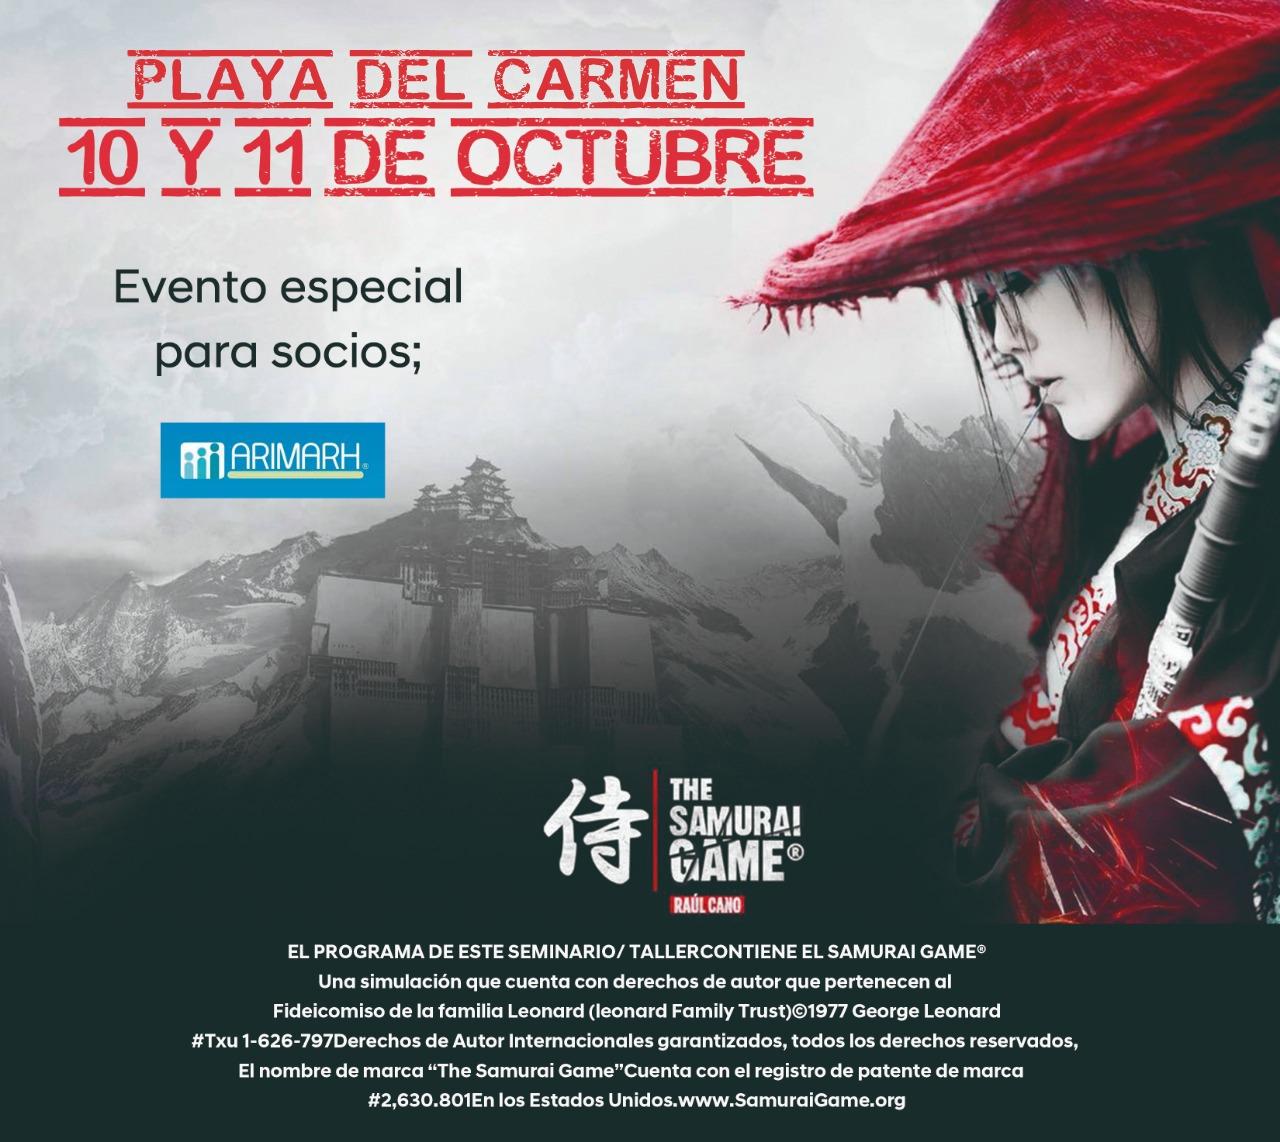 Samurai Game®️ARIMARH, Playa del Carmen